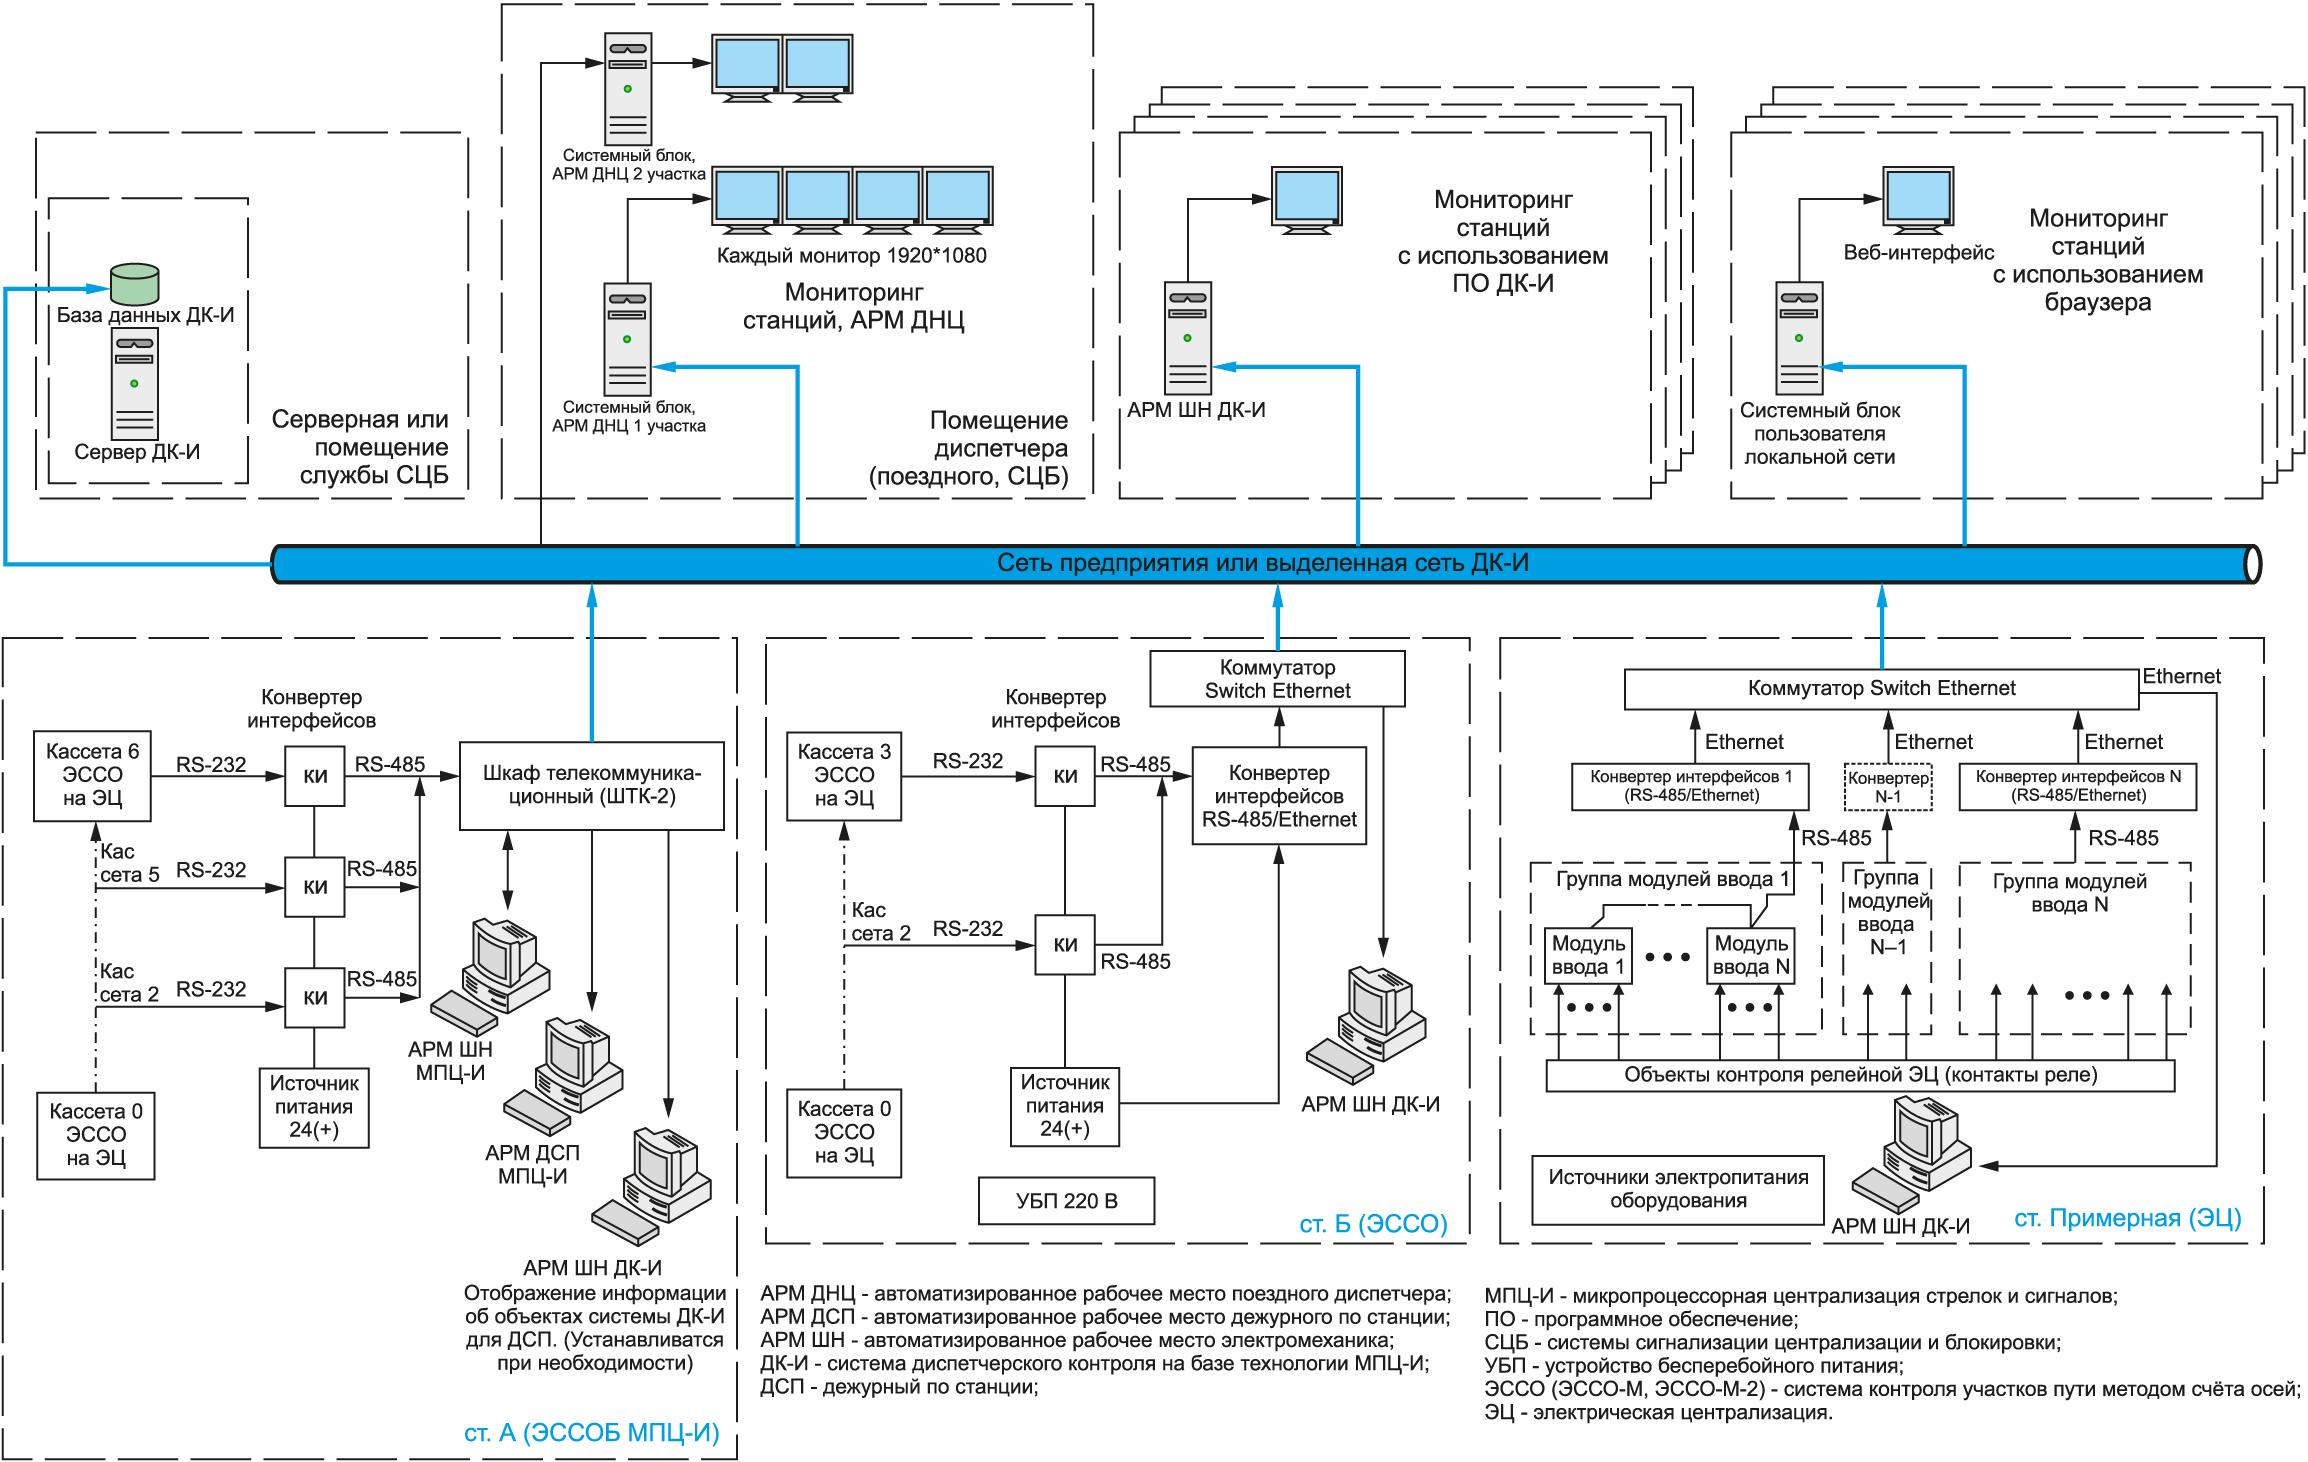 Структурная схема системы ДК-И